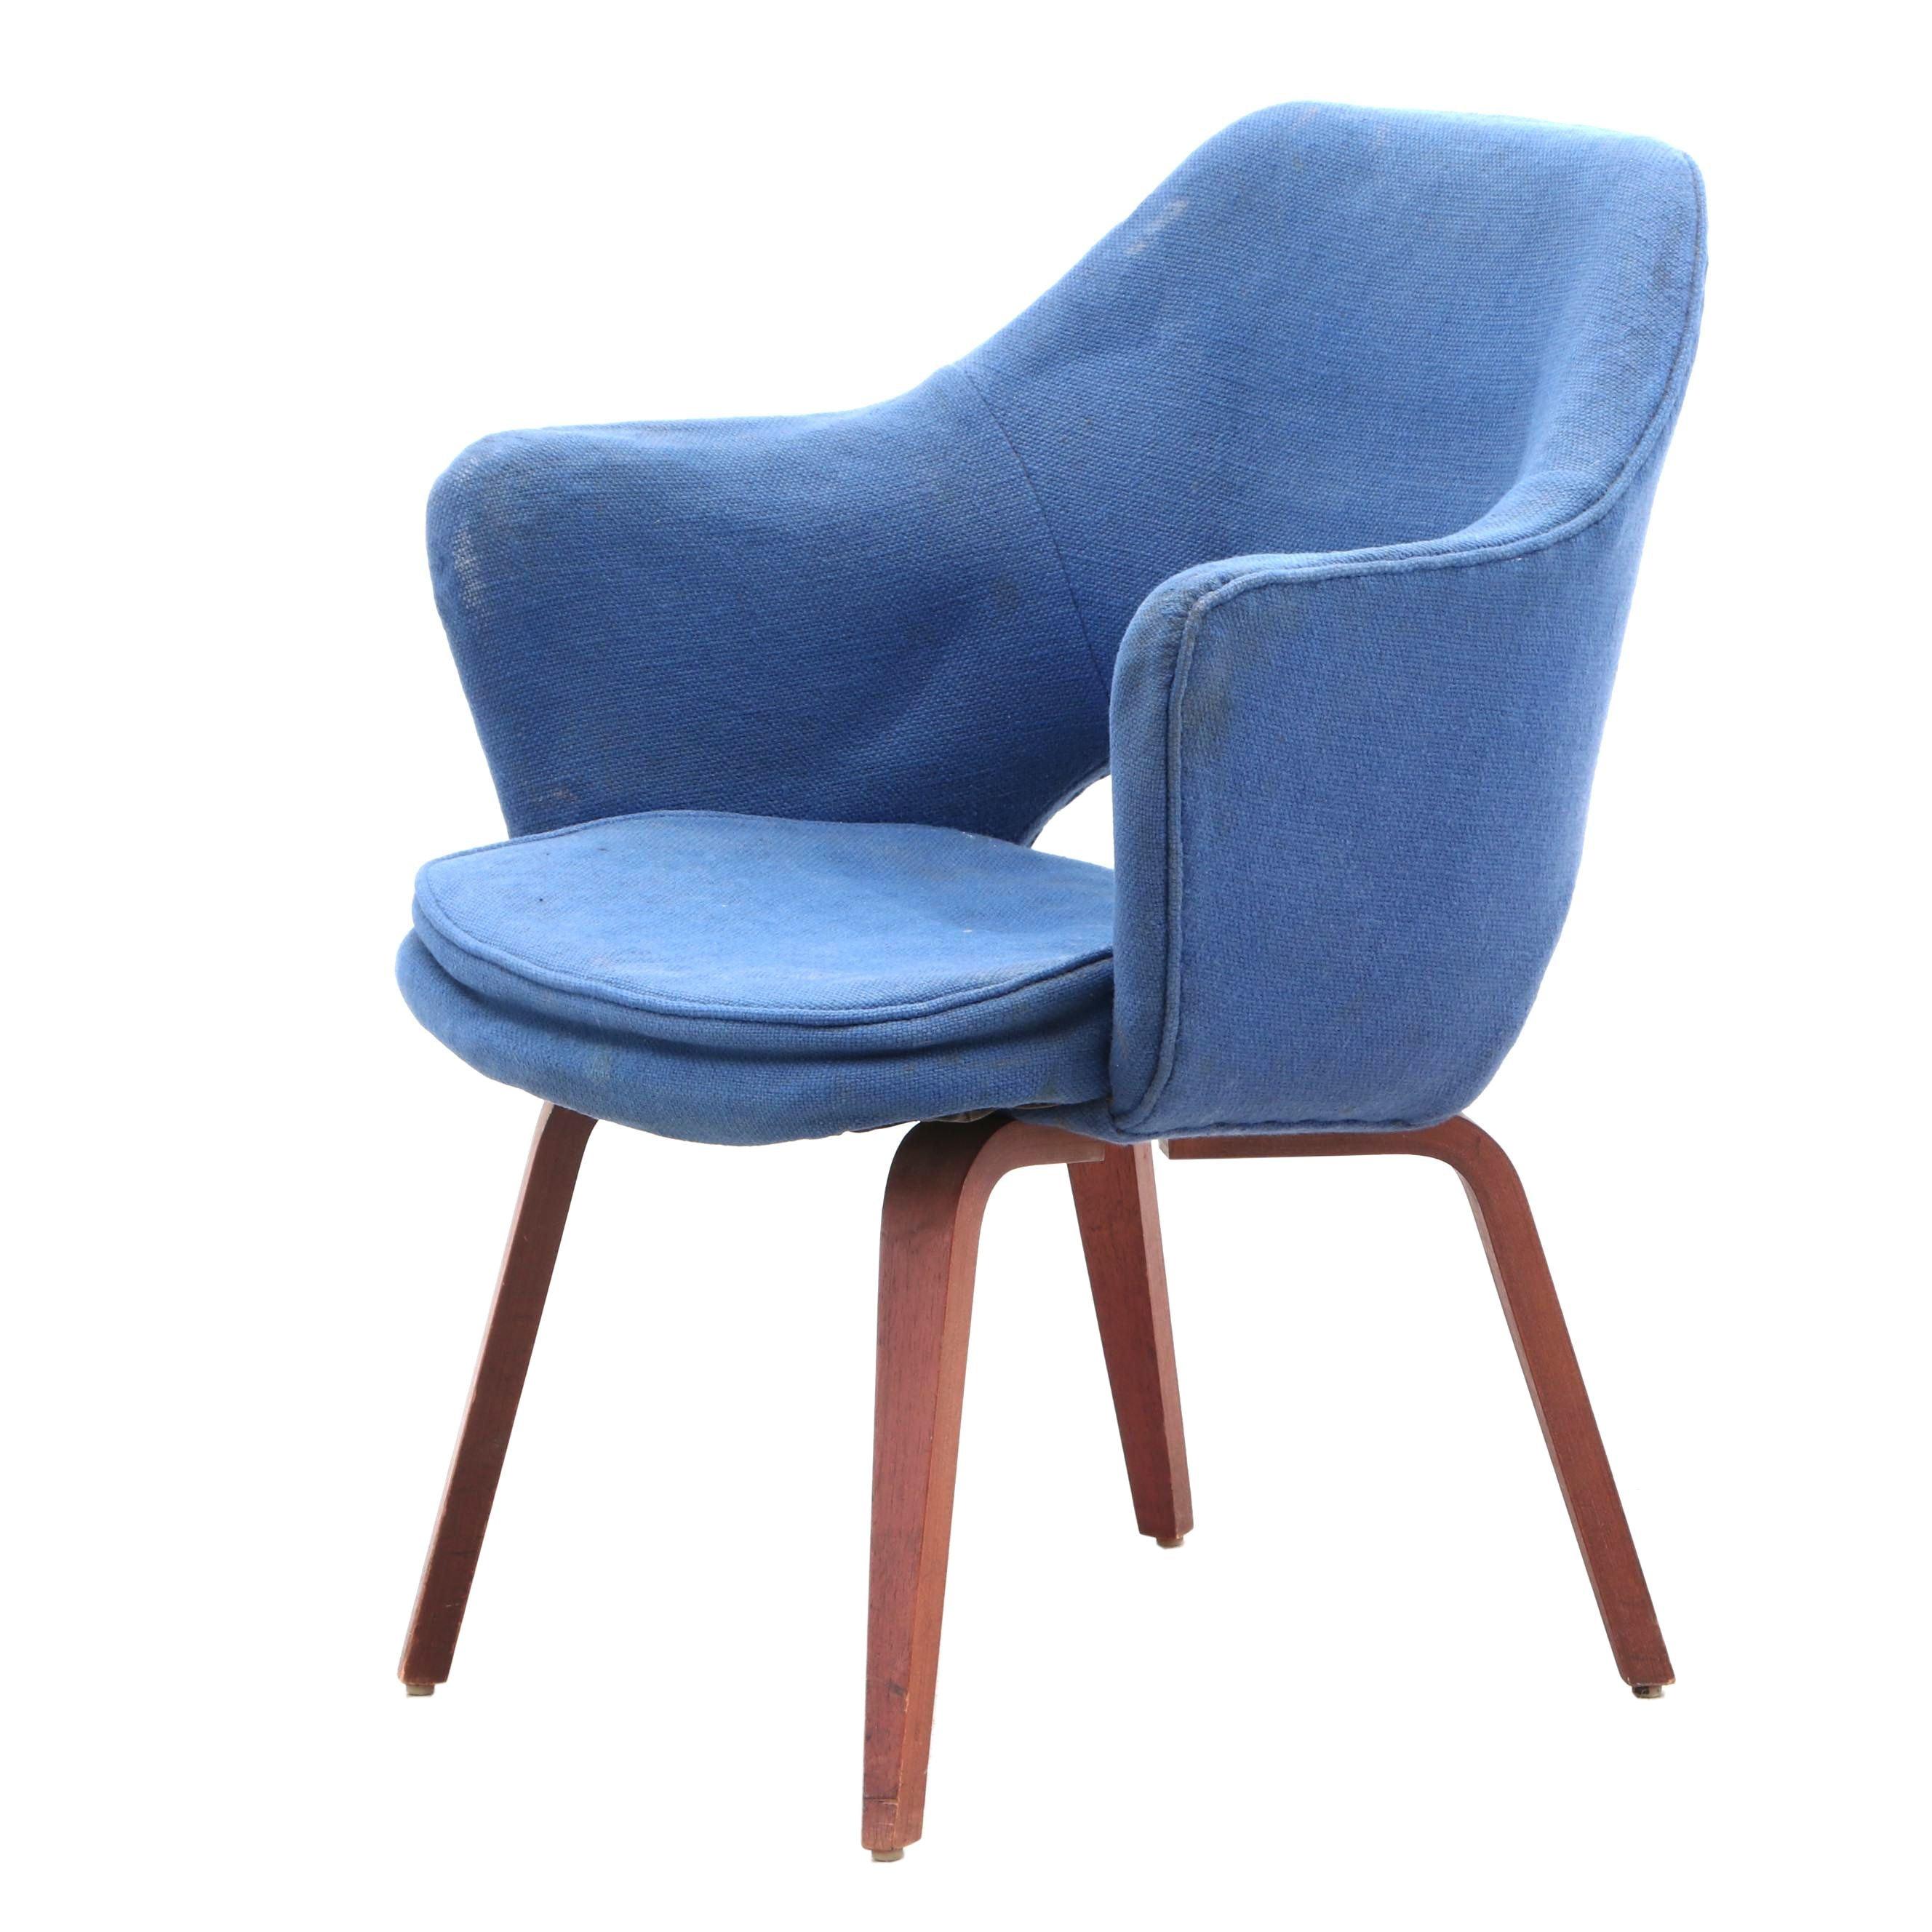 Eero Saarinen for Knoll Mid Century Modern Armchair